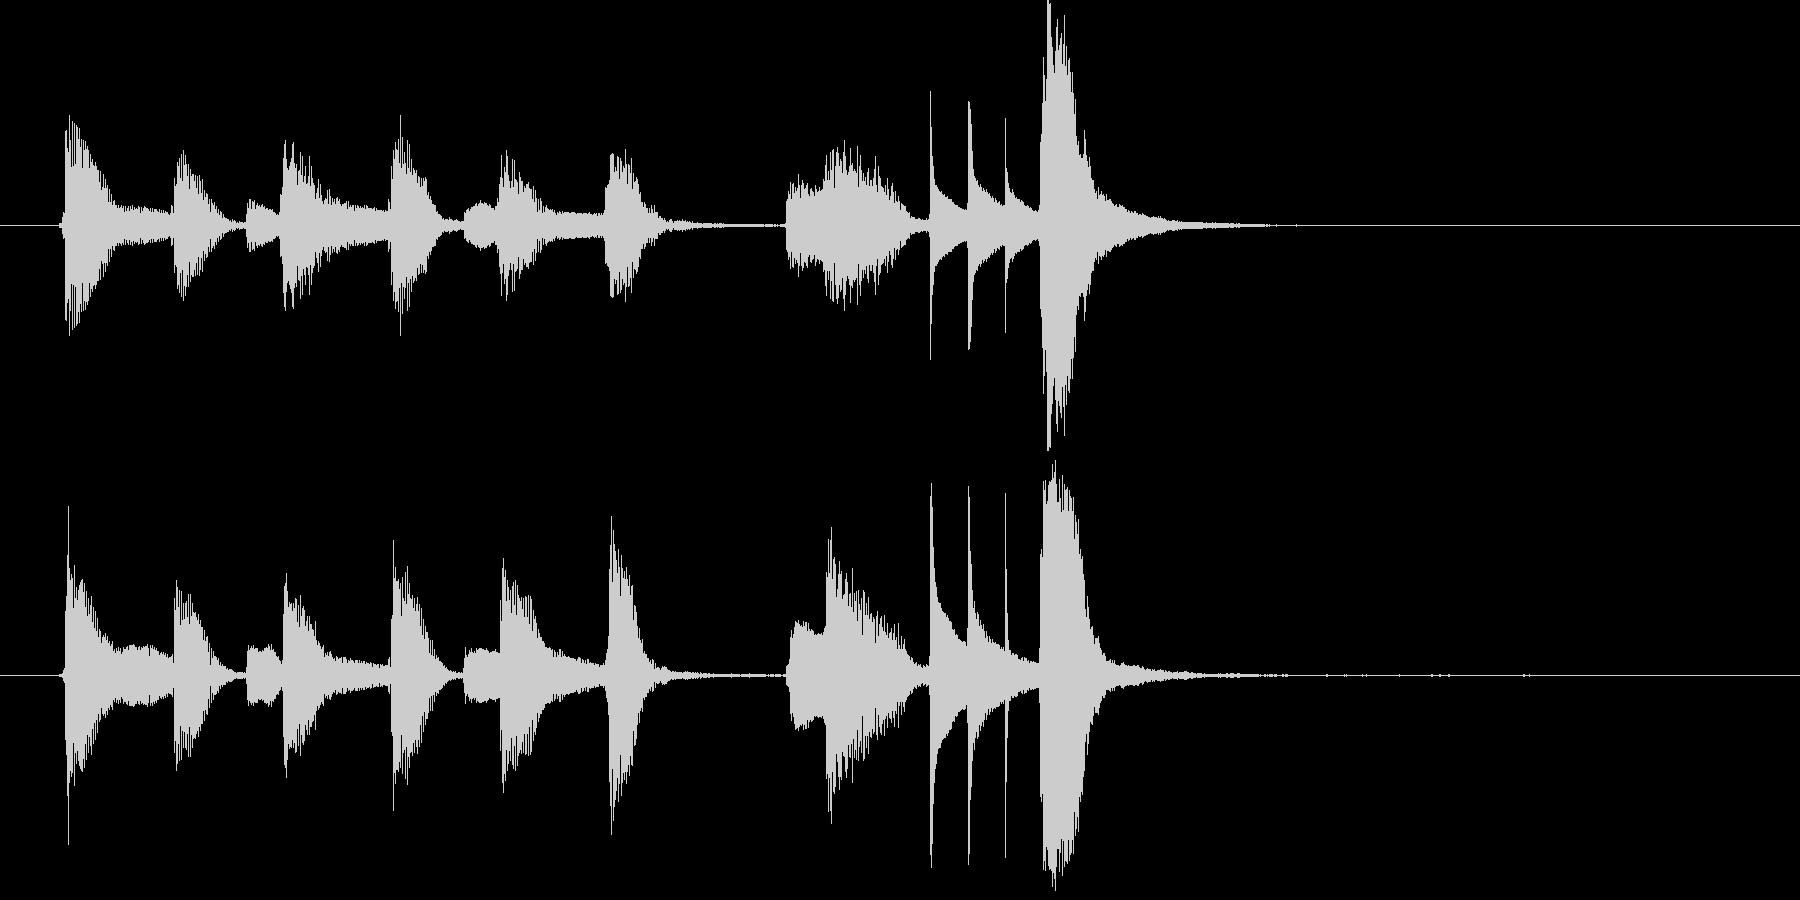 日常系ピアノの軽やかでかわいい曲・6秒版の未再生の波形